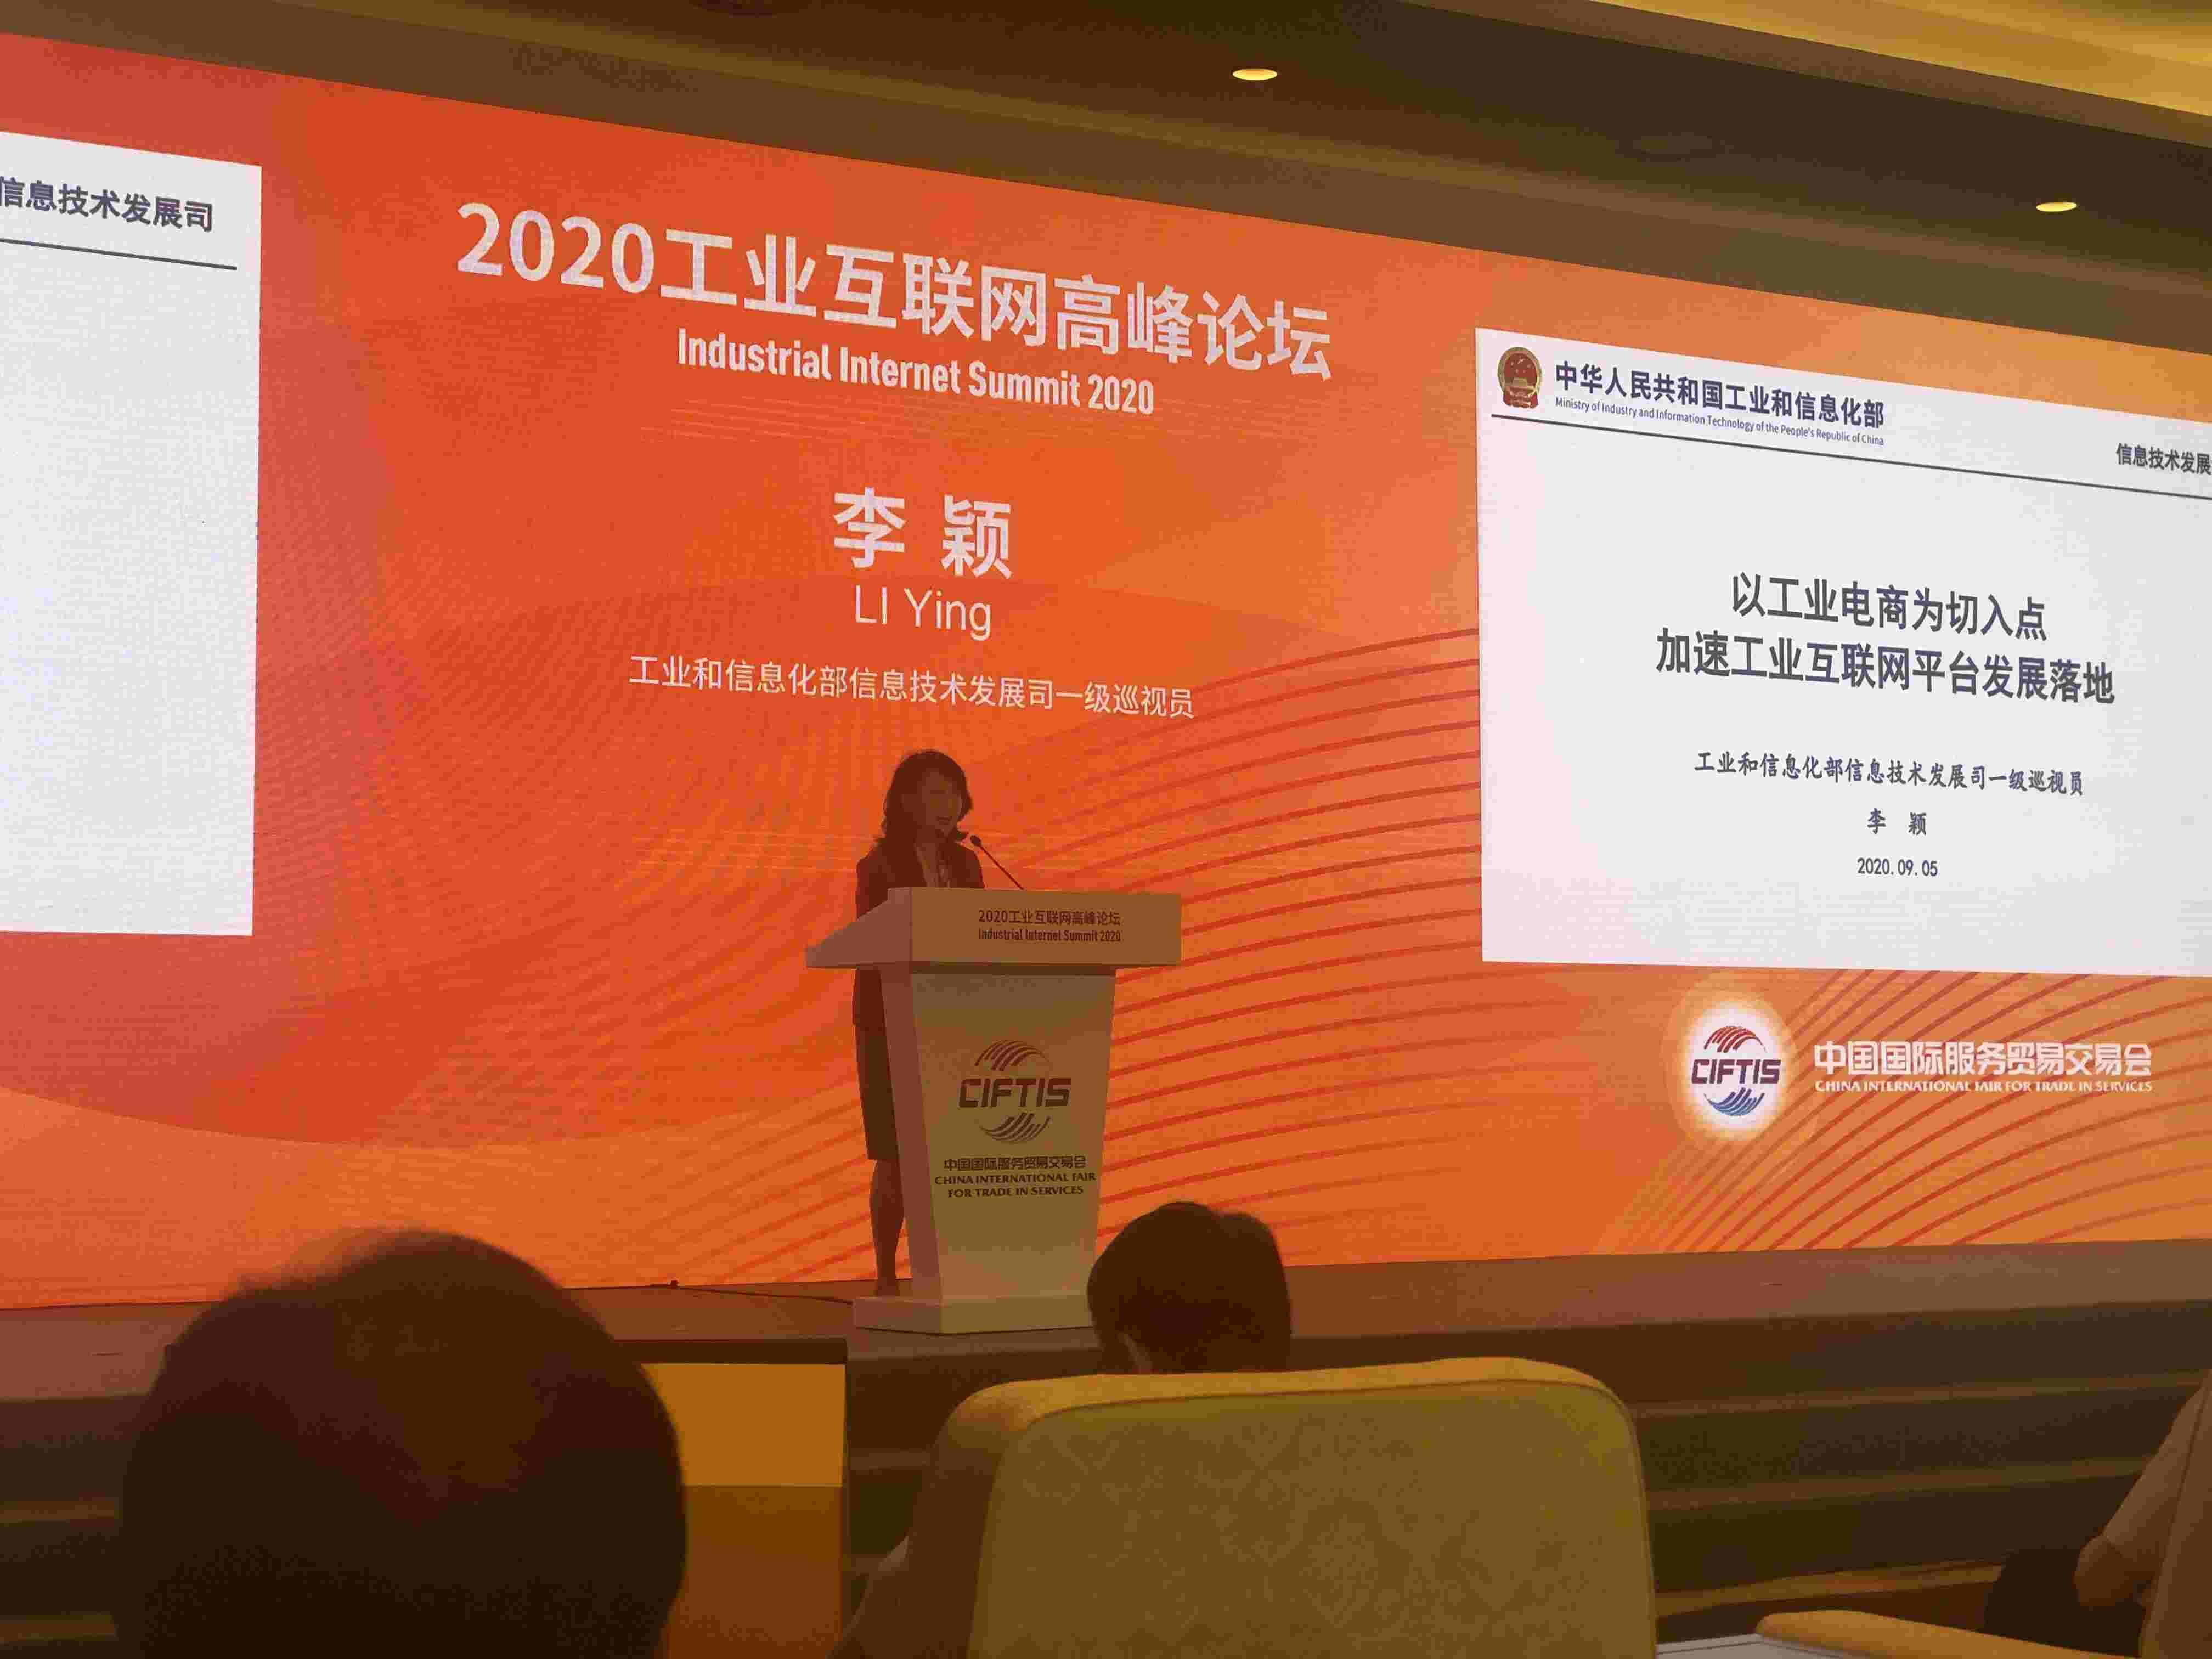 工信部李颖:工业互联网带动工业电子商务进入增长新周期